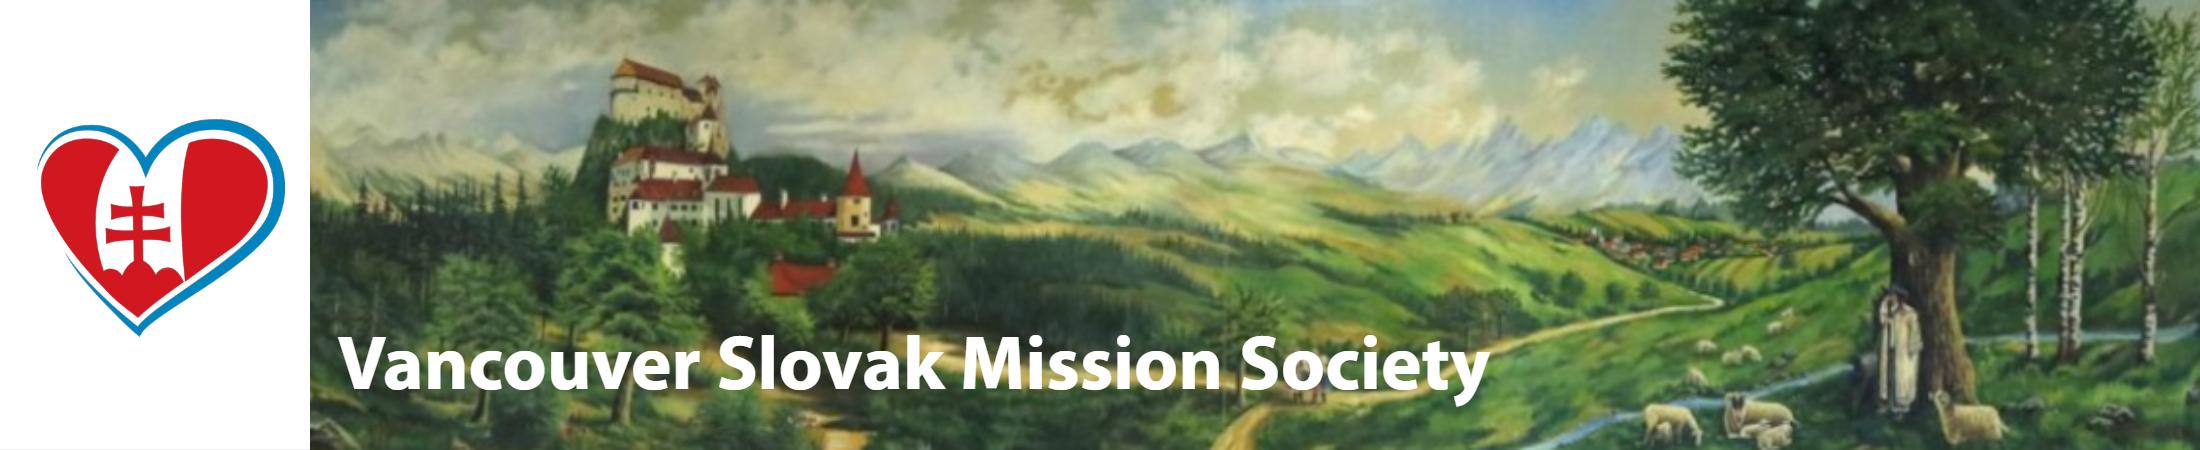 Vancouver Slovak Mission Society